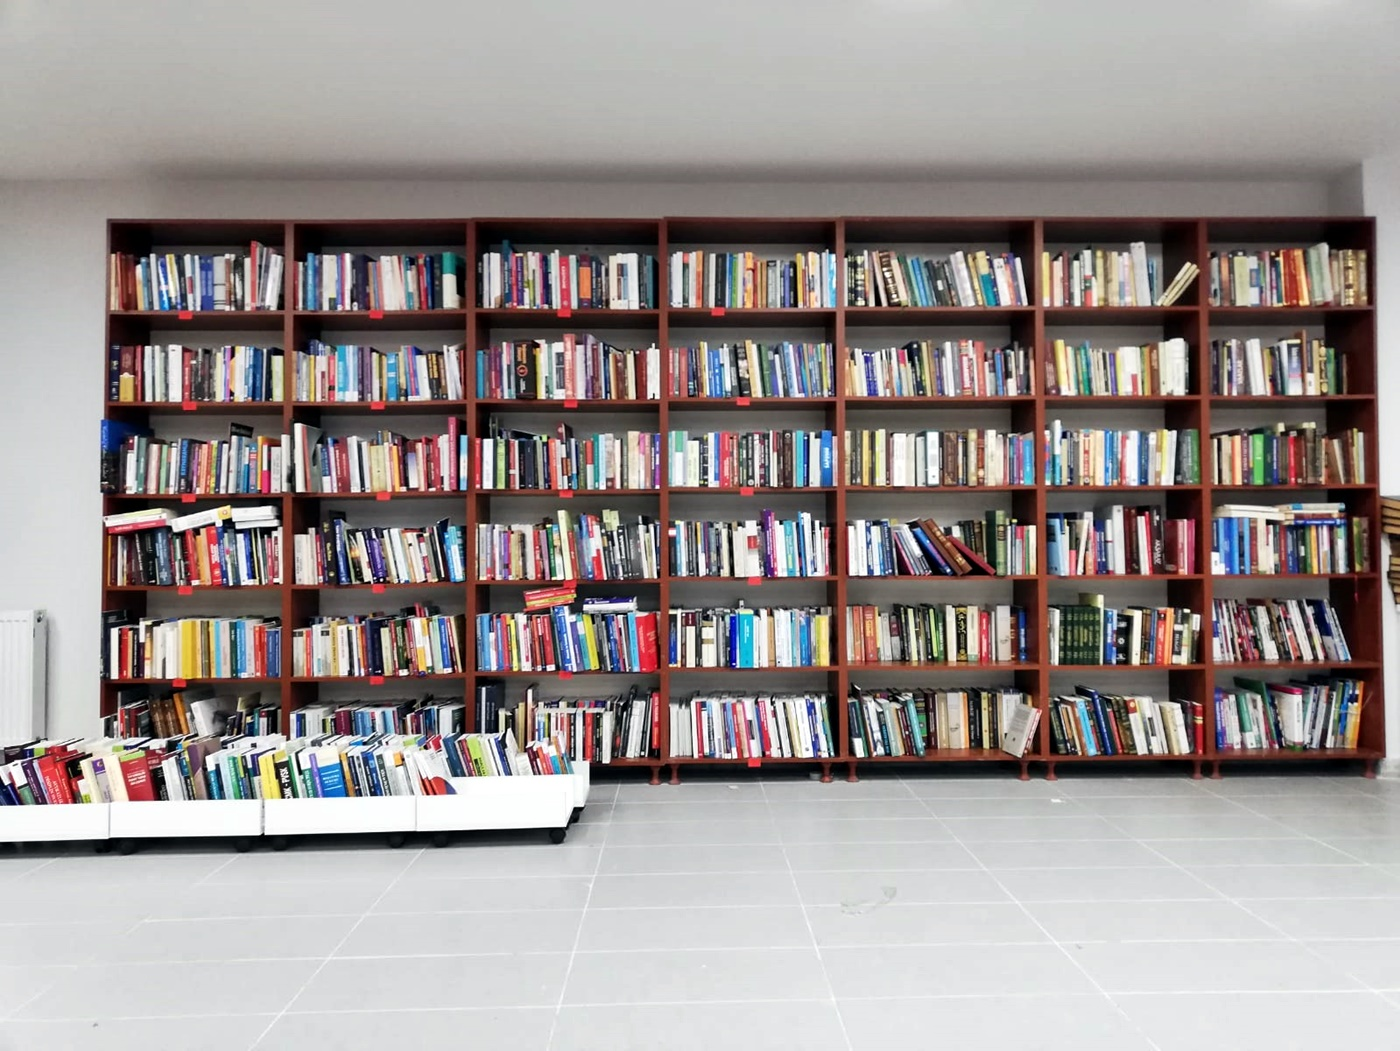 Çankırı Karatekin Üniversitesi Kütüphanesine Büyük Kitap Bağışı